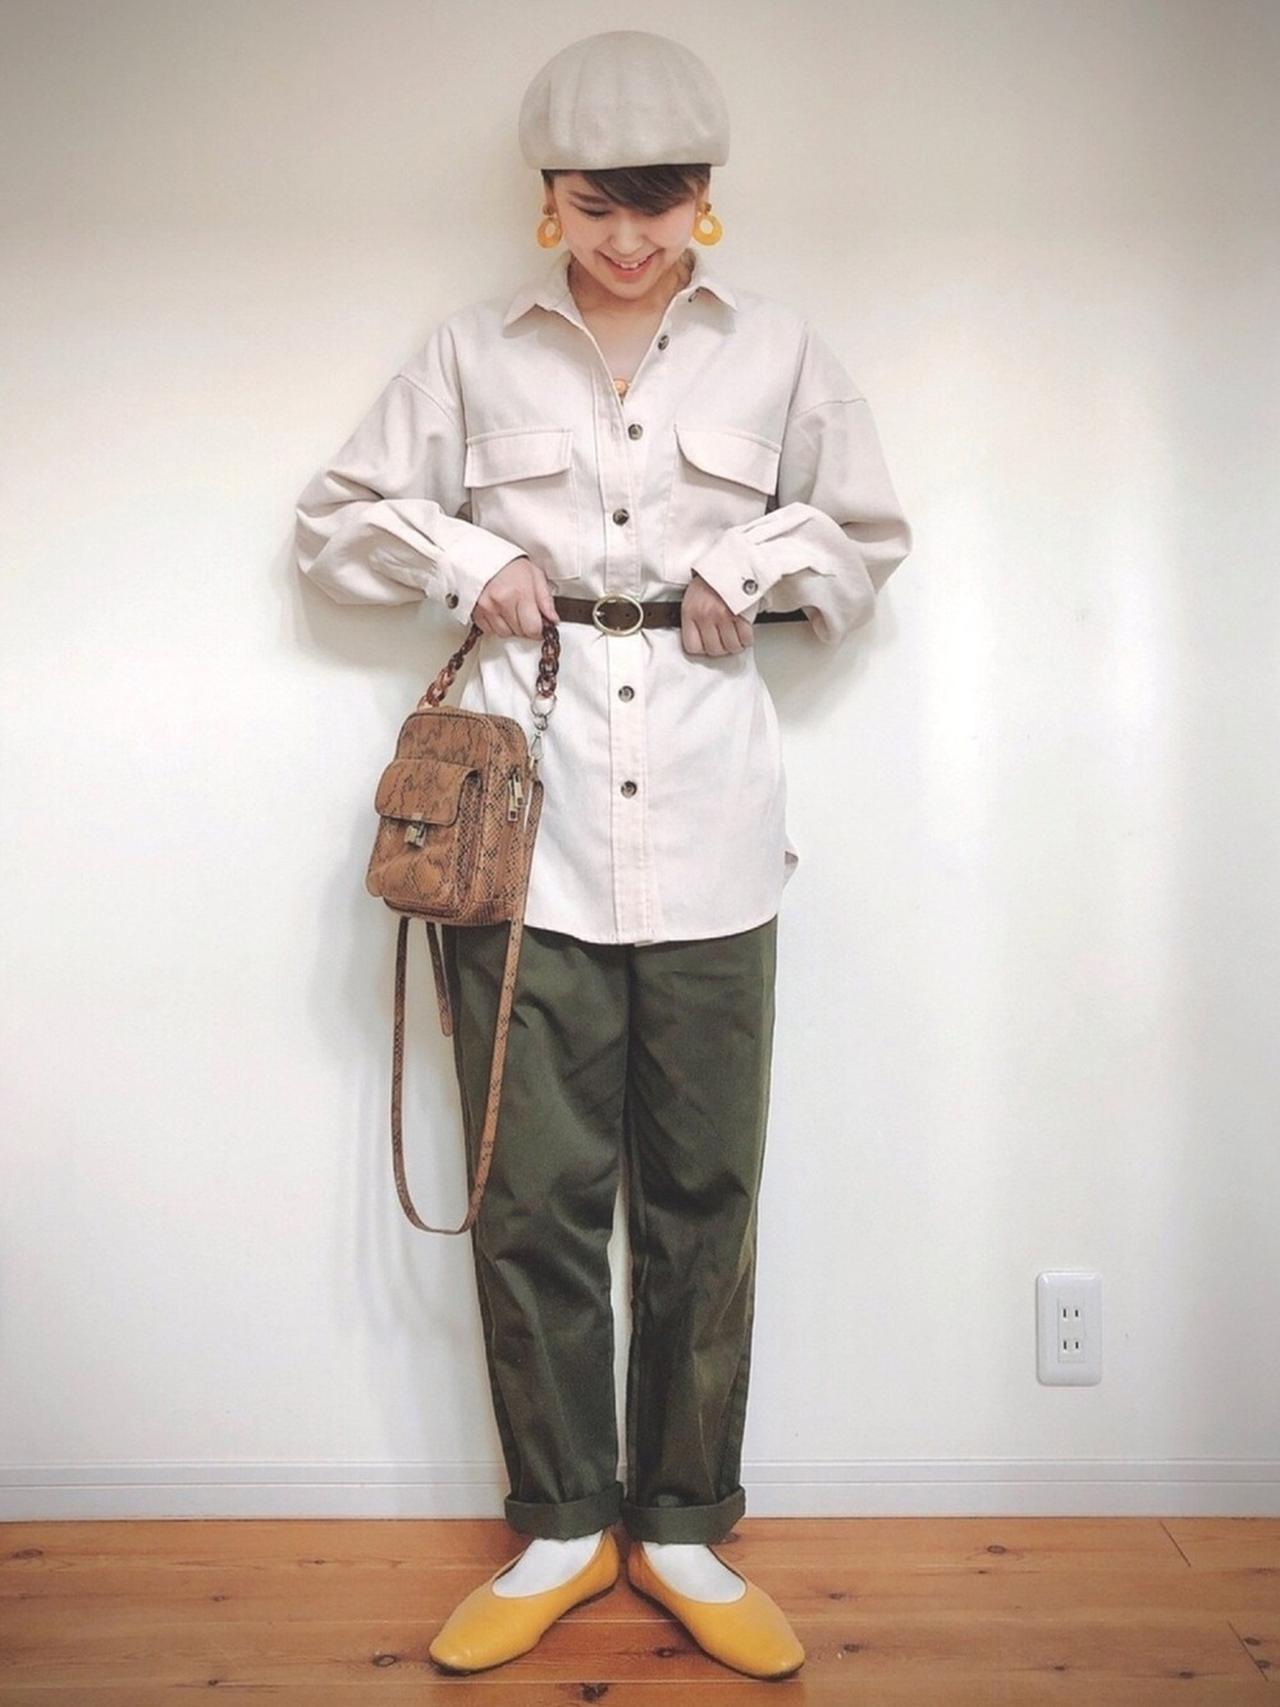 画像: 【niko and...】オリジナルスクエアお財布ショルダーバッグ 4,730円(税込)【GU】Tシャツ 平均価格 1,000〜3,000円【GU】パンツ 平均価格 2,000〜5,000円【GU】パンプス 平均価格 2,000〜4,000円